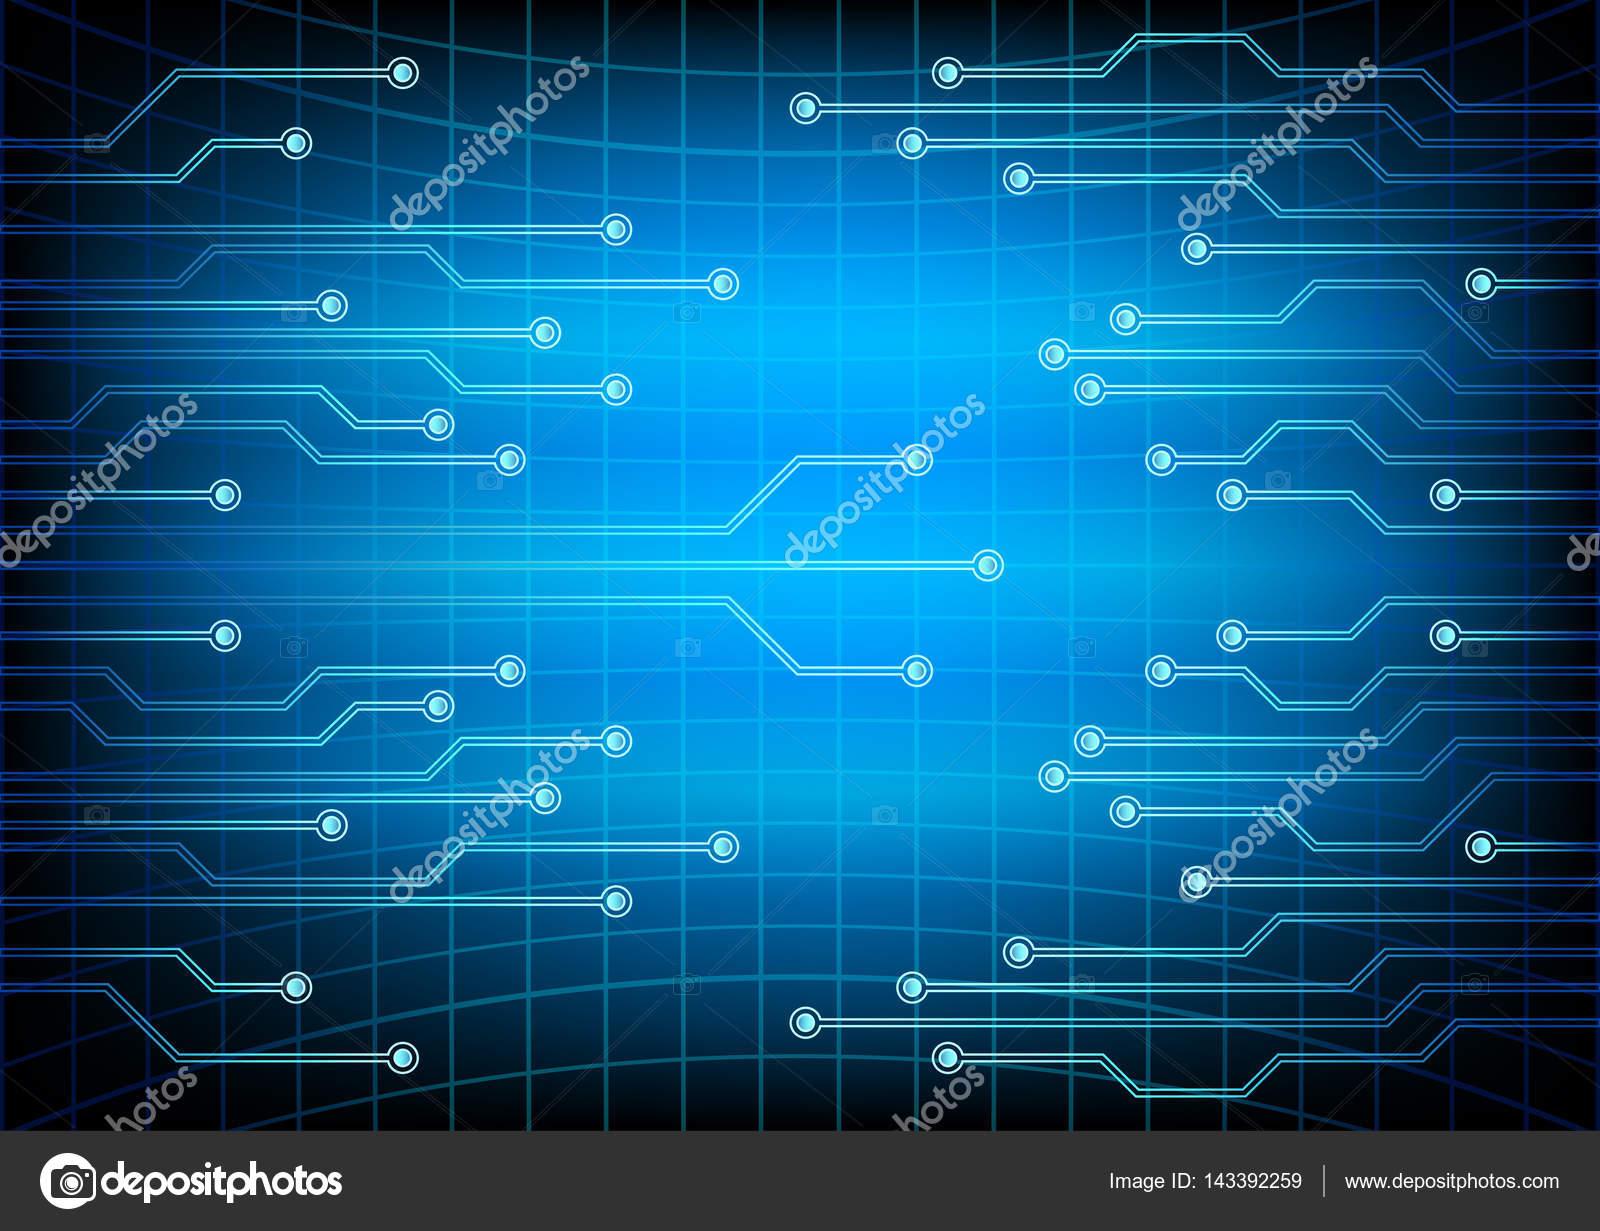 Circuito Eletrico : Circuito elétrico ilustração em vetor eps u vetor de stock